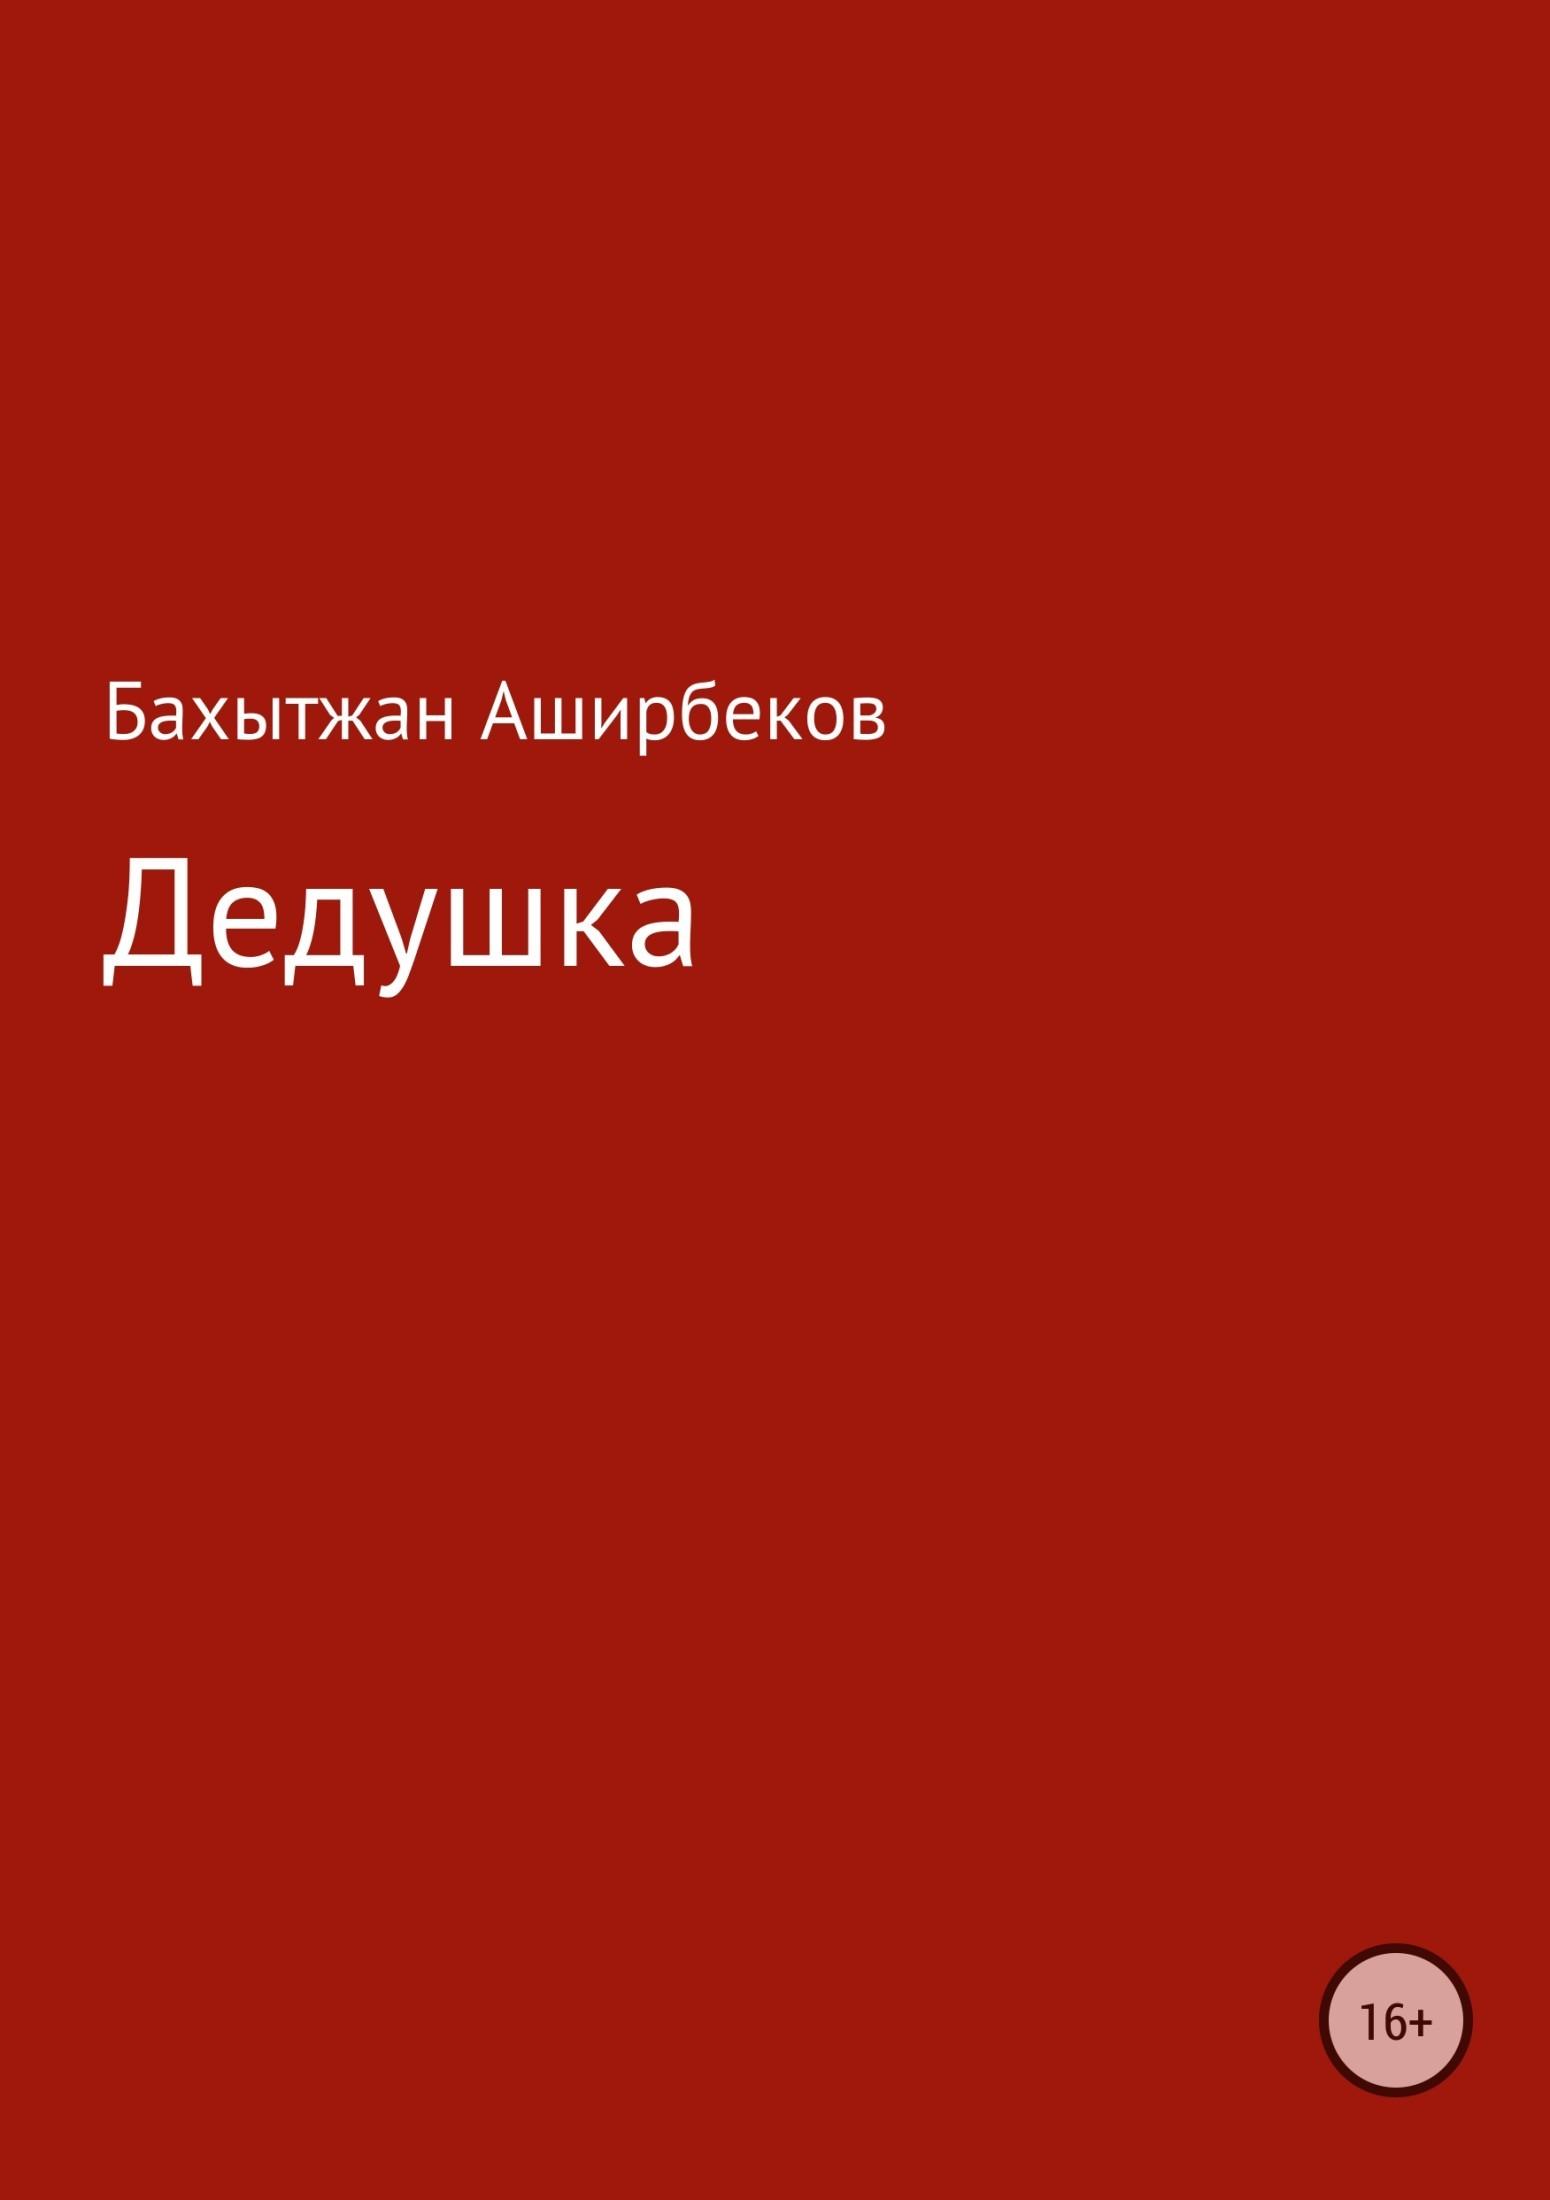 Бахытжан Аширбеков Дедушка брокман дж во что мы верим но не можем доказать